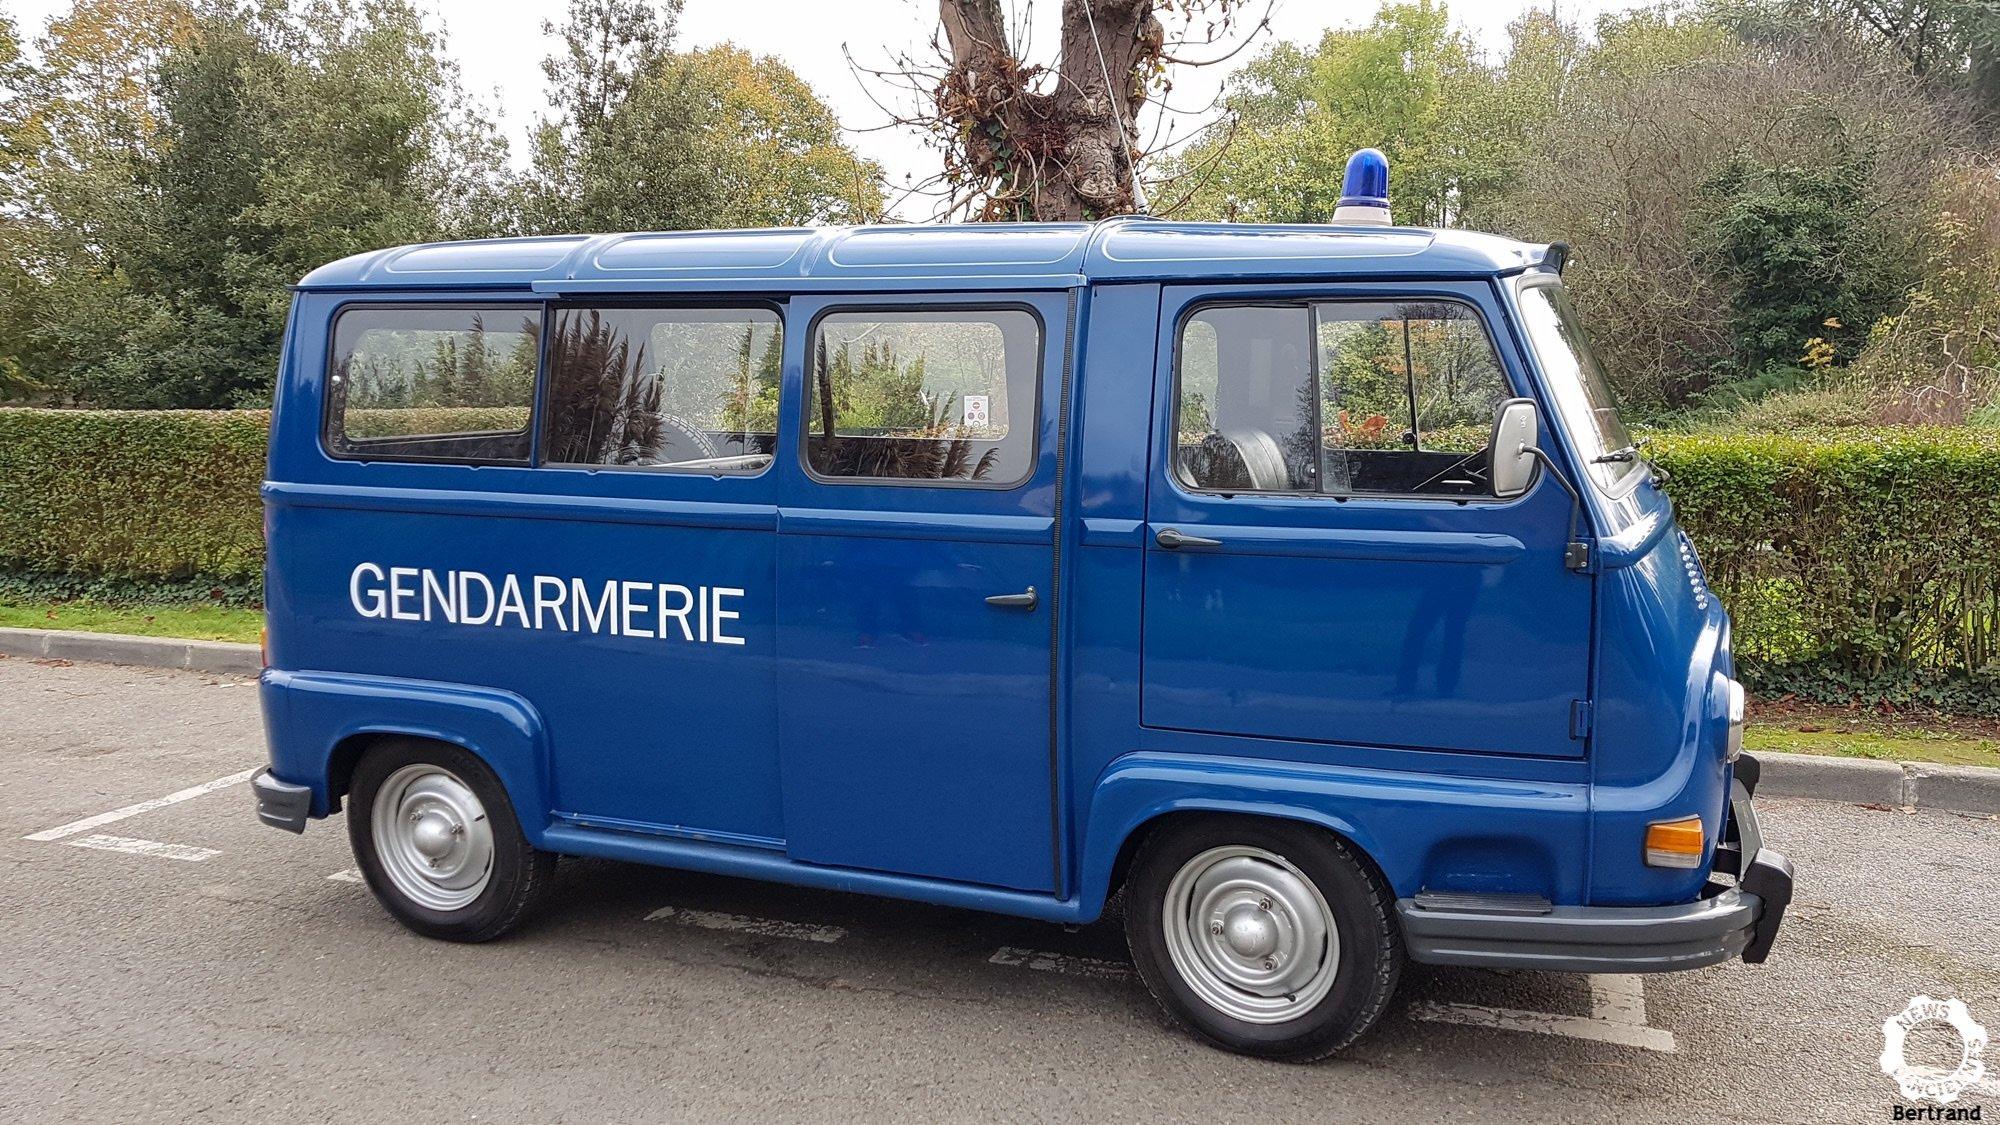 1975 Renault Estafette ex gendarmerie A1 condition, For Sale (picture 2 of 6)